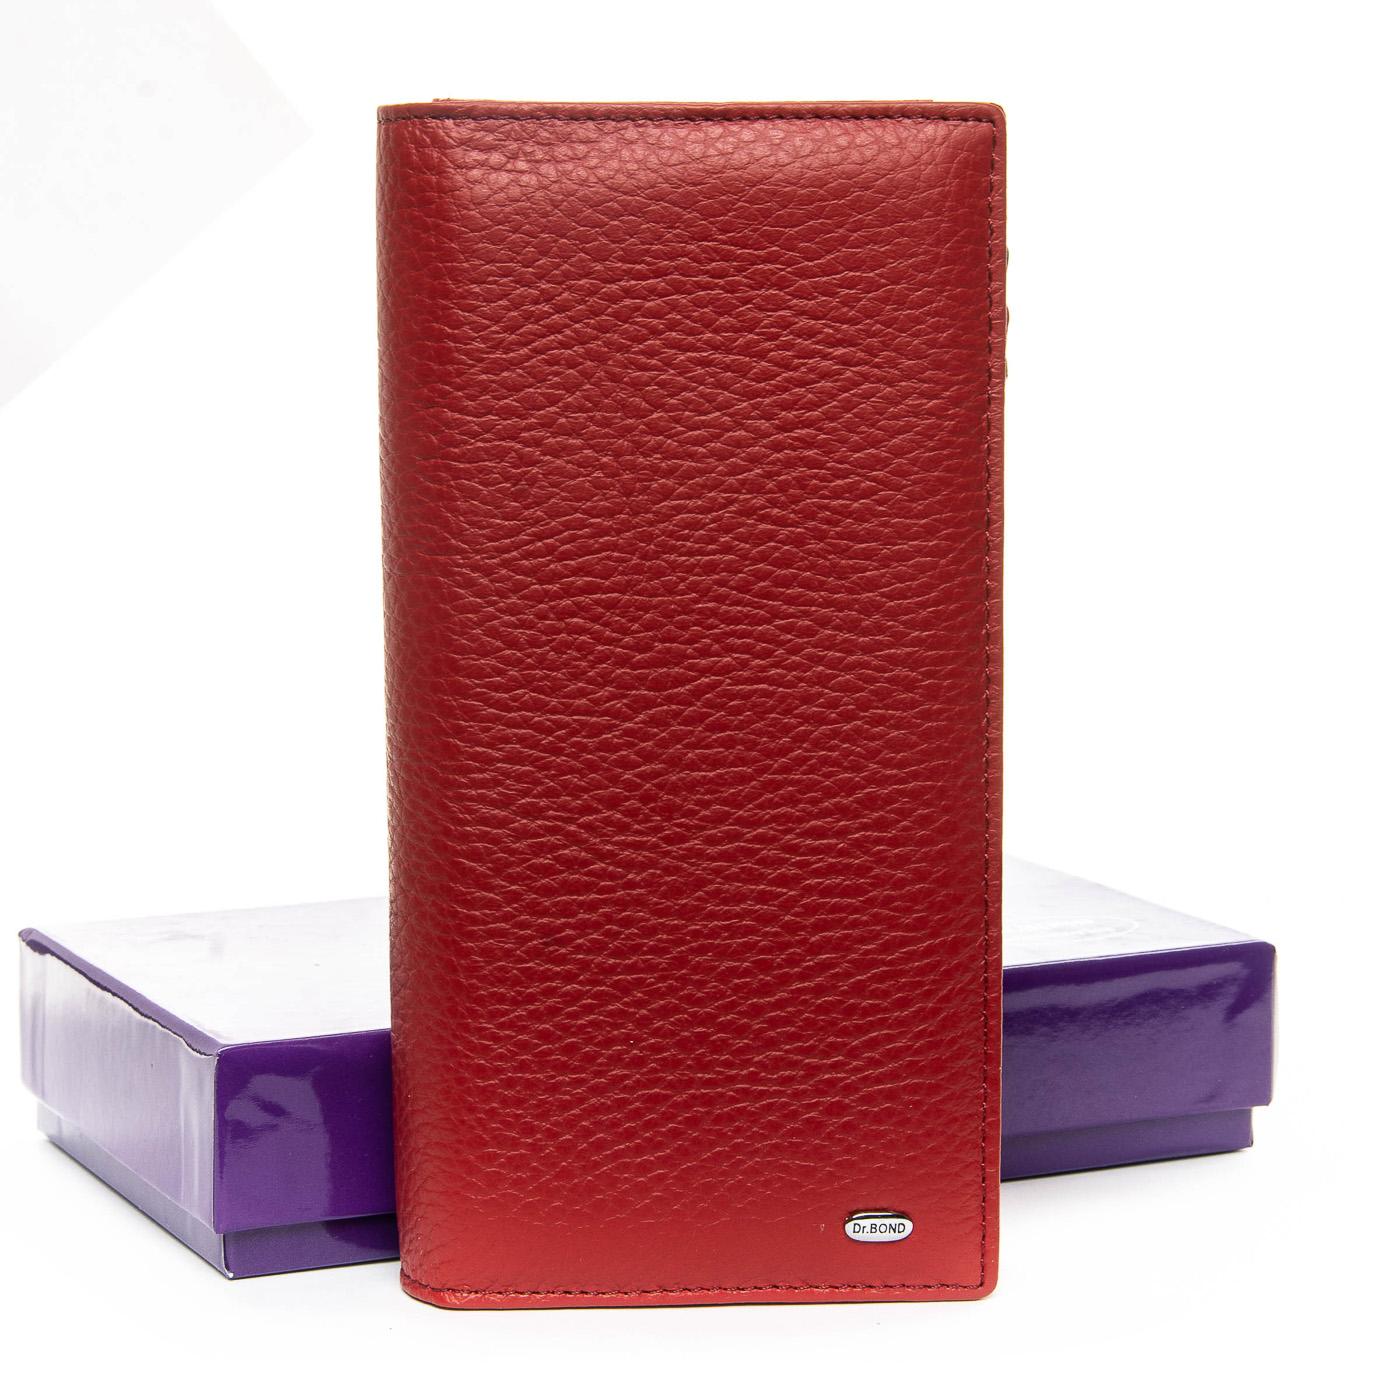 Тёмно-красный кошелёк-клатч «Dr.Bond» из качественной натуральной кожи купить. Цена 899 грн